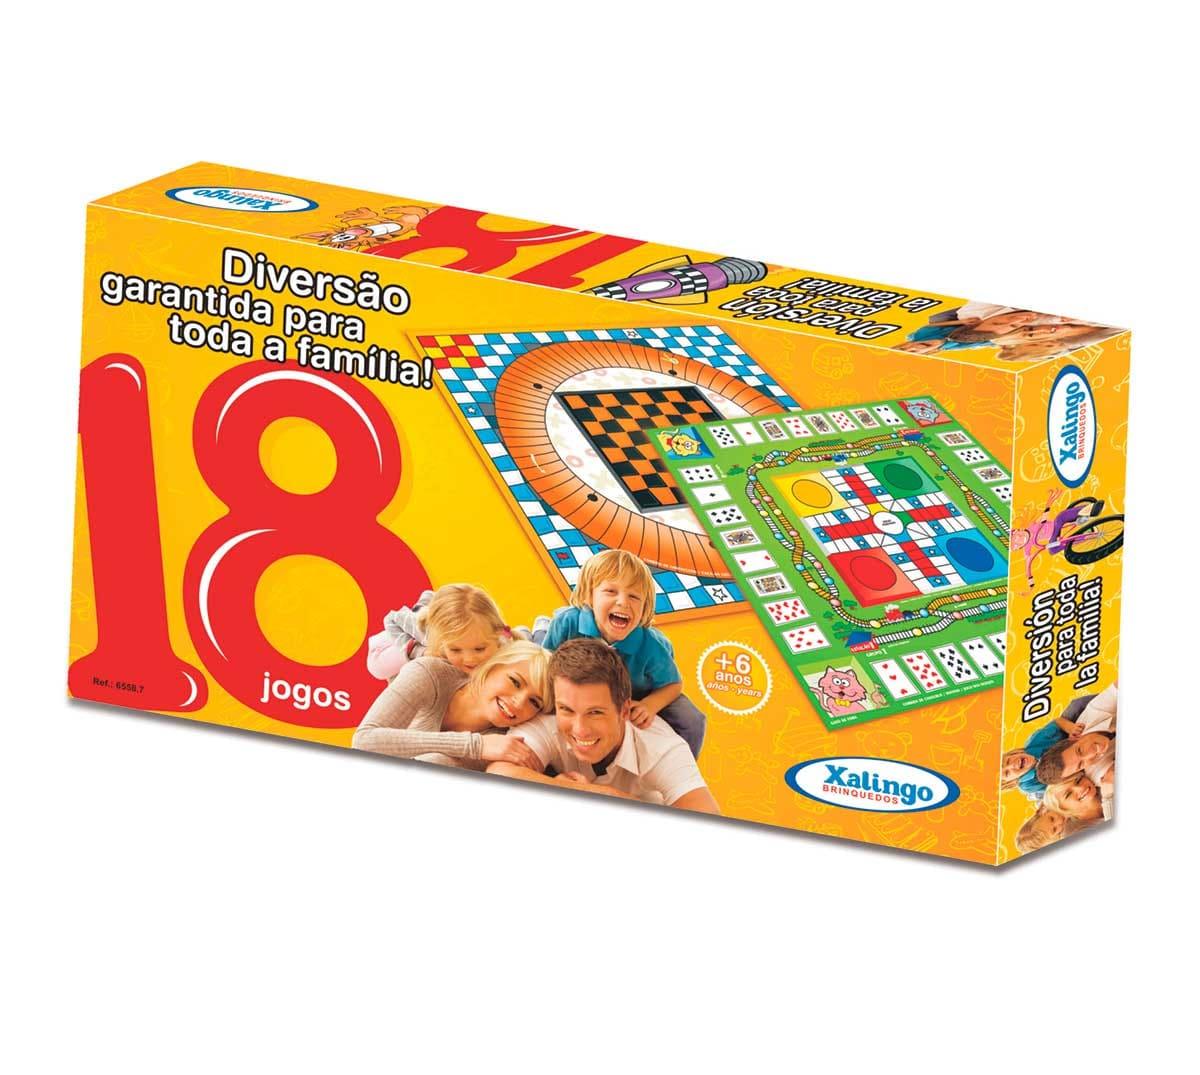 Jogos Educativos - 18 Jogos